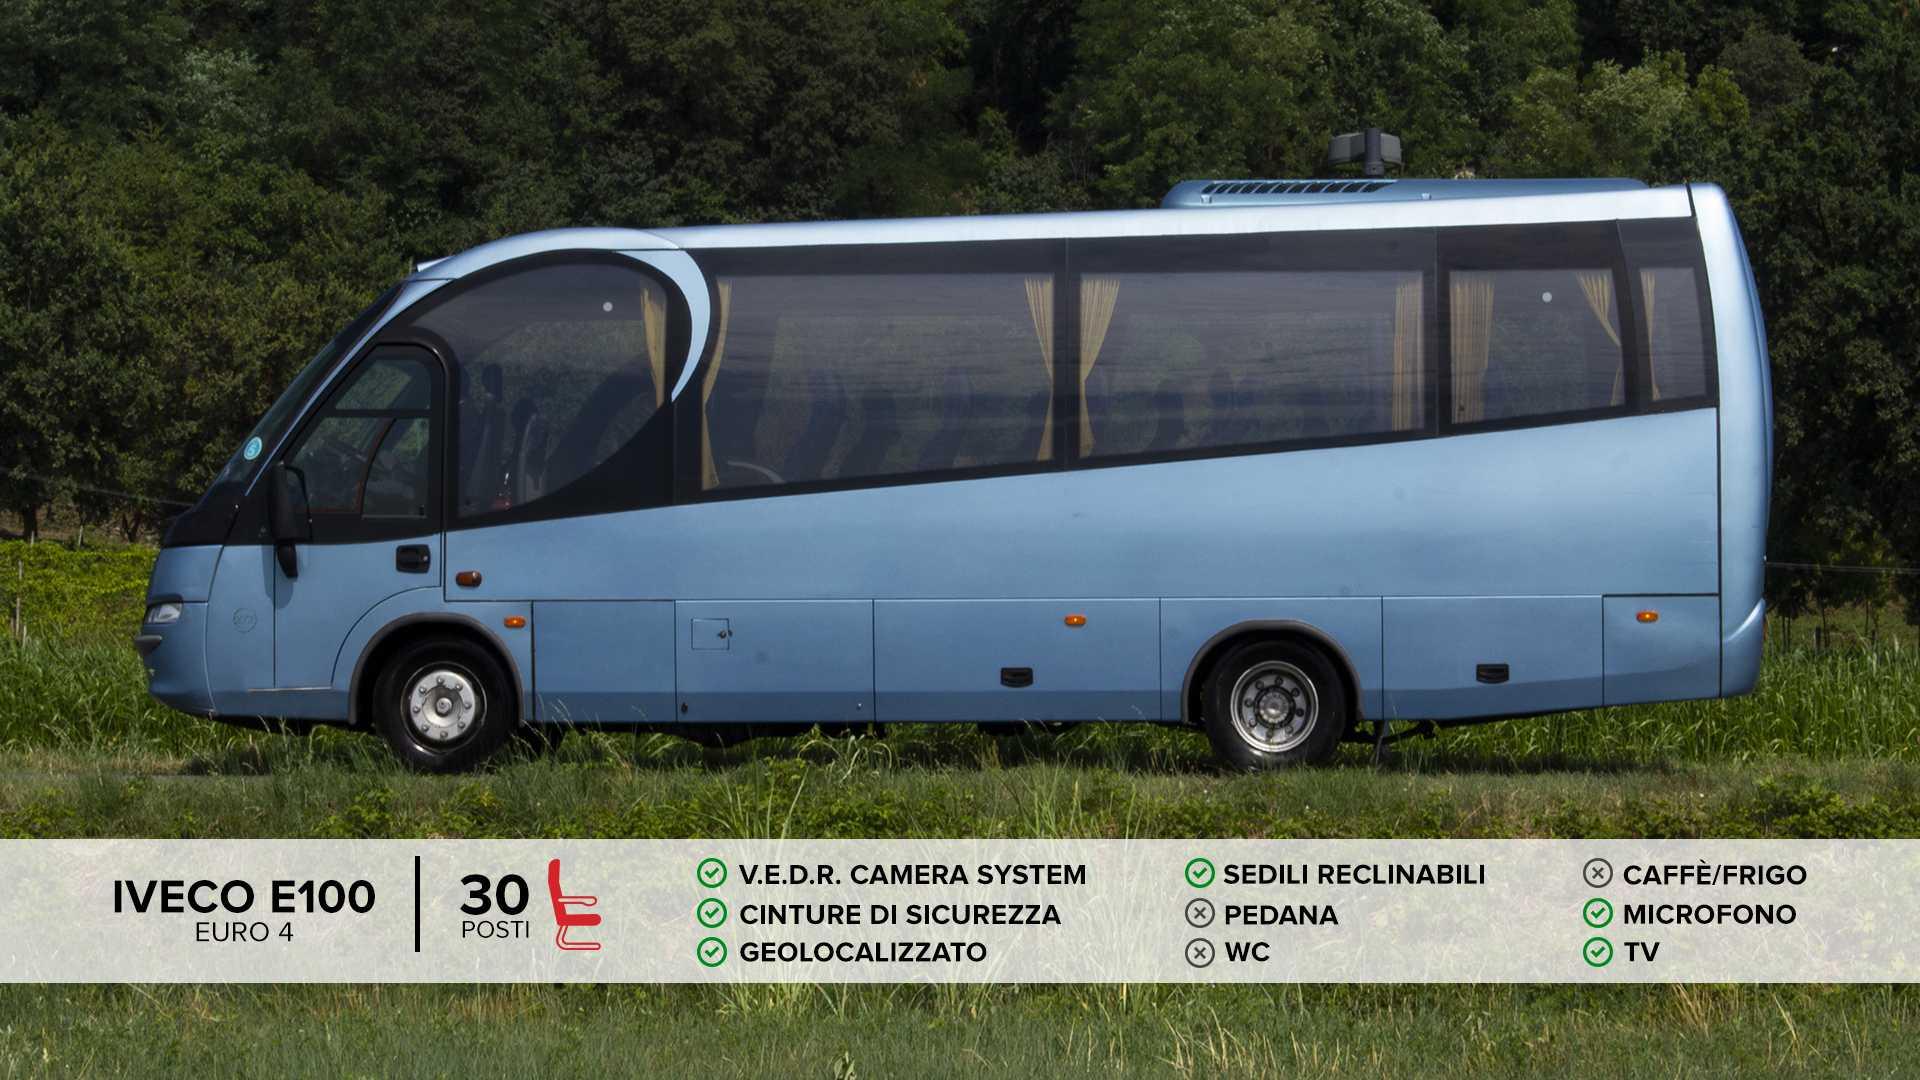 Iveco E100